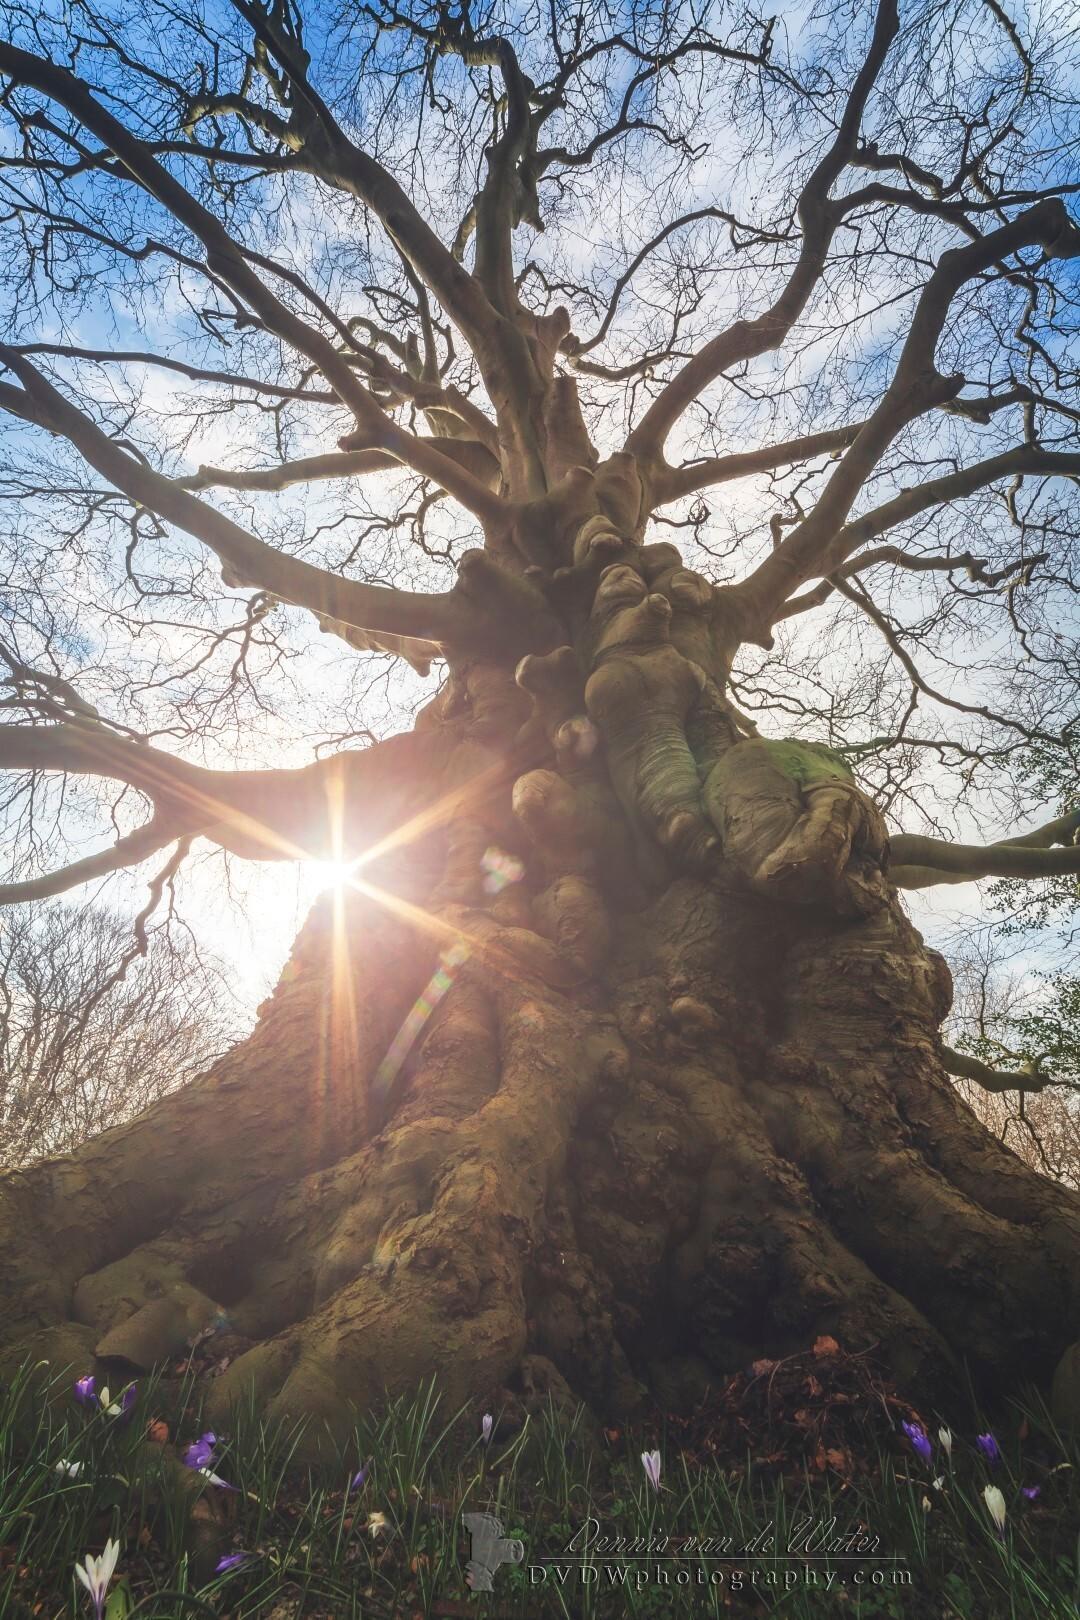 The ancient red beech - Eindelijk eens de rode beuk op de groenesteeg begraafplaats in Leiden bezocht :)  [url]https://dvdwphotography.com/2019/03/04/the-ancient-red-beech - foto door dennisvdwater op 04-03-2019 - deze foto bevat: lucht, zon, boom, lente, natuur, licht, landschap, bos, tegenlicht, voorjaar, silhouet, beuk, nederland, leiden, begraafplaats, groenesteeg